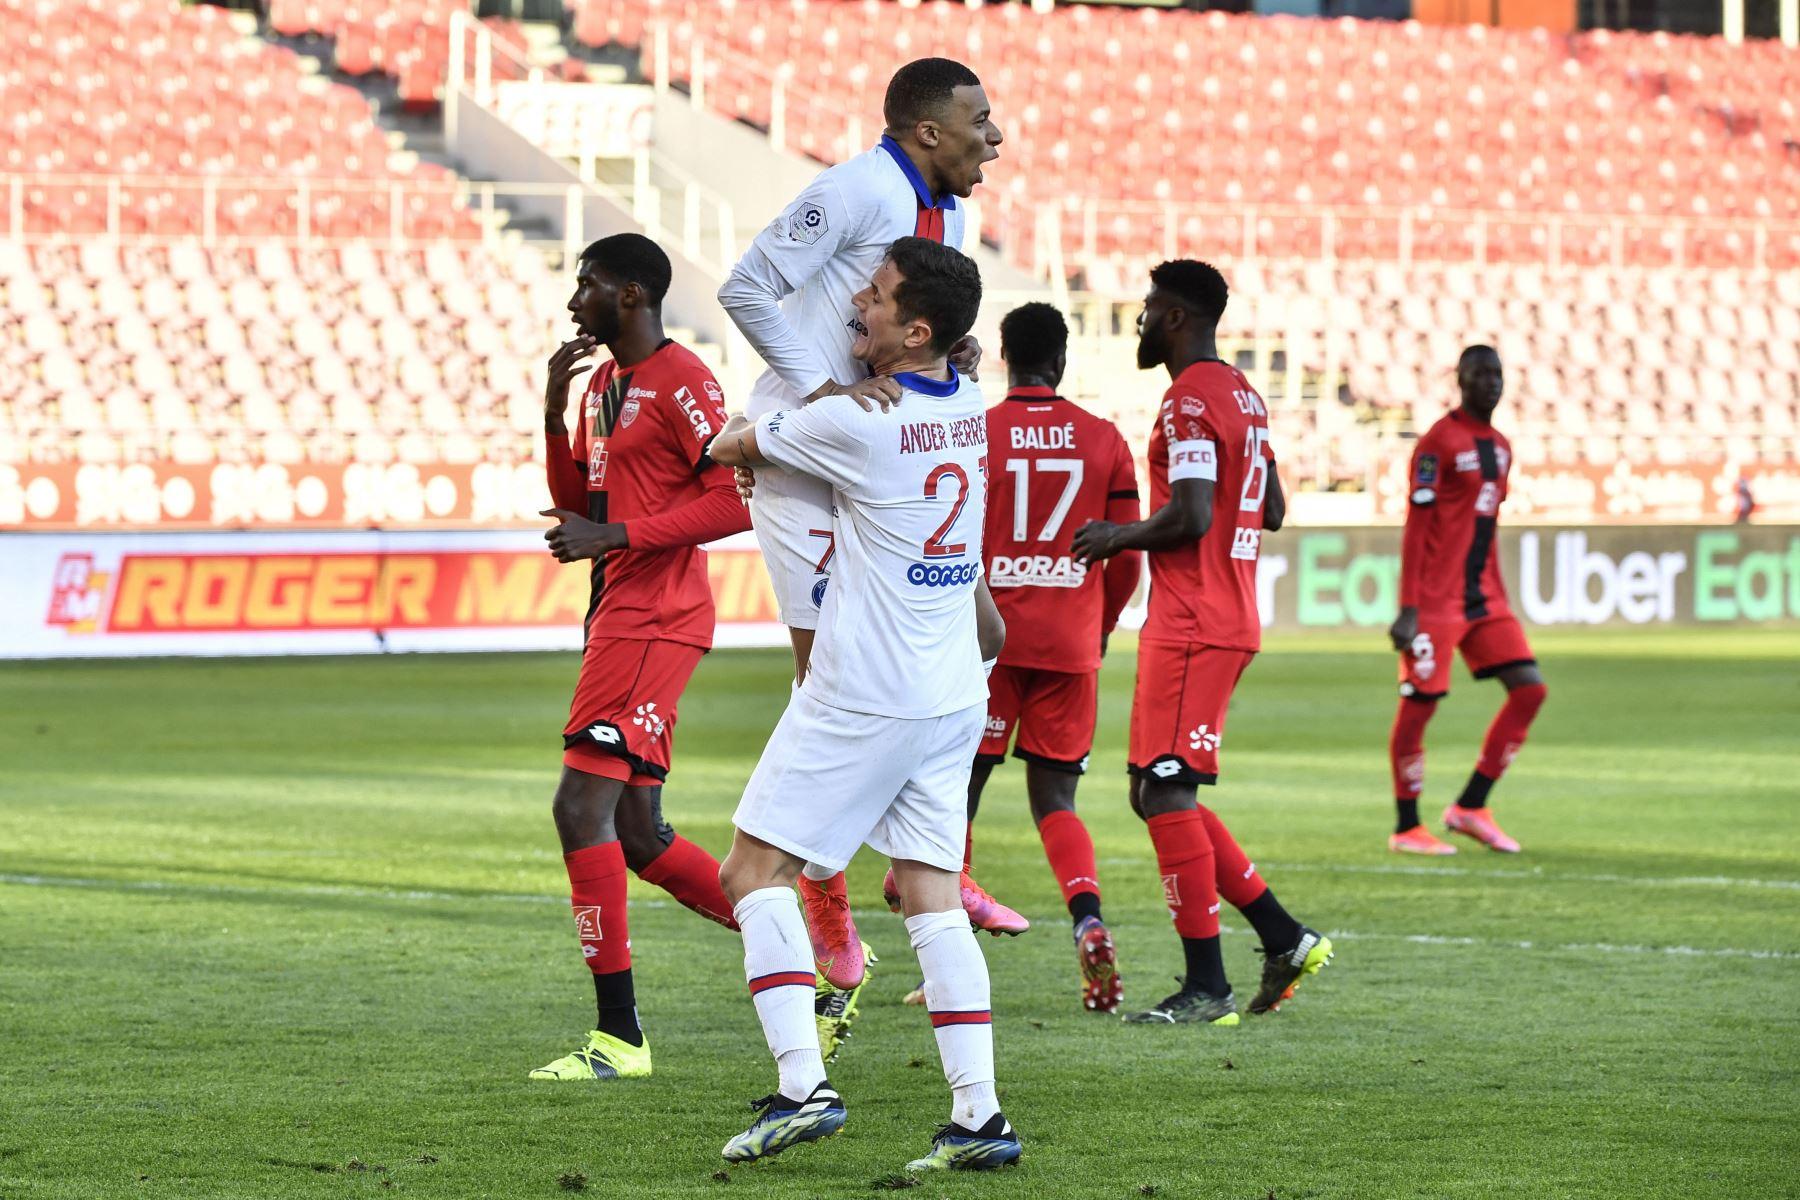 El delantero francés del Paris Saint-Germain Kylian Mbappé (arriba) celebra con el centrocampista español del Paris Saint-Germain, Ander Herrera, tras marcar un penalti durante el partido de fútbol francés L1 entre Dijon (DFCO) y Paris Saint-Germain (PSG). Foto: AFP